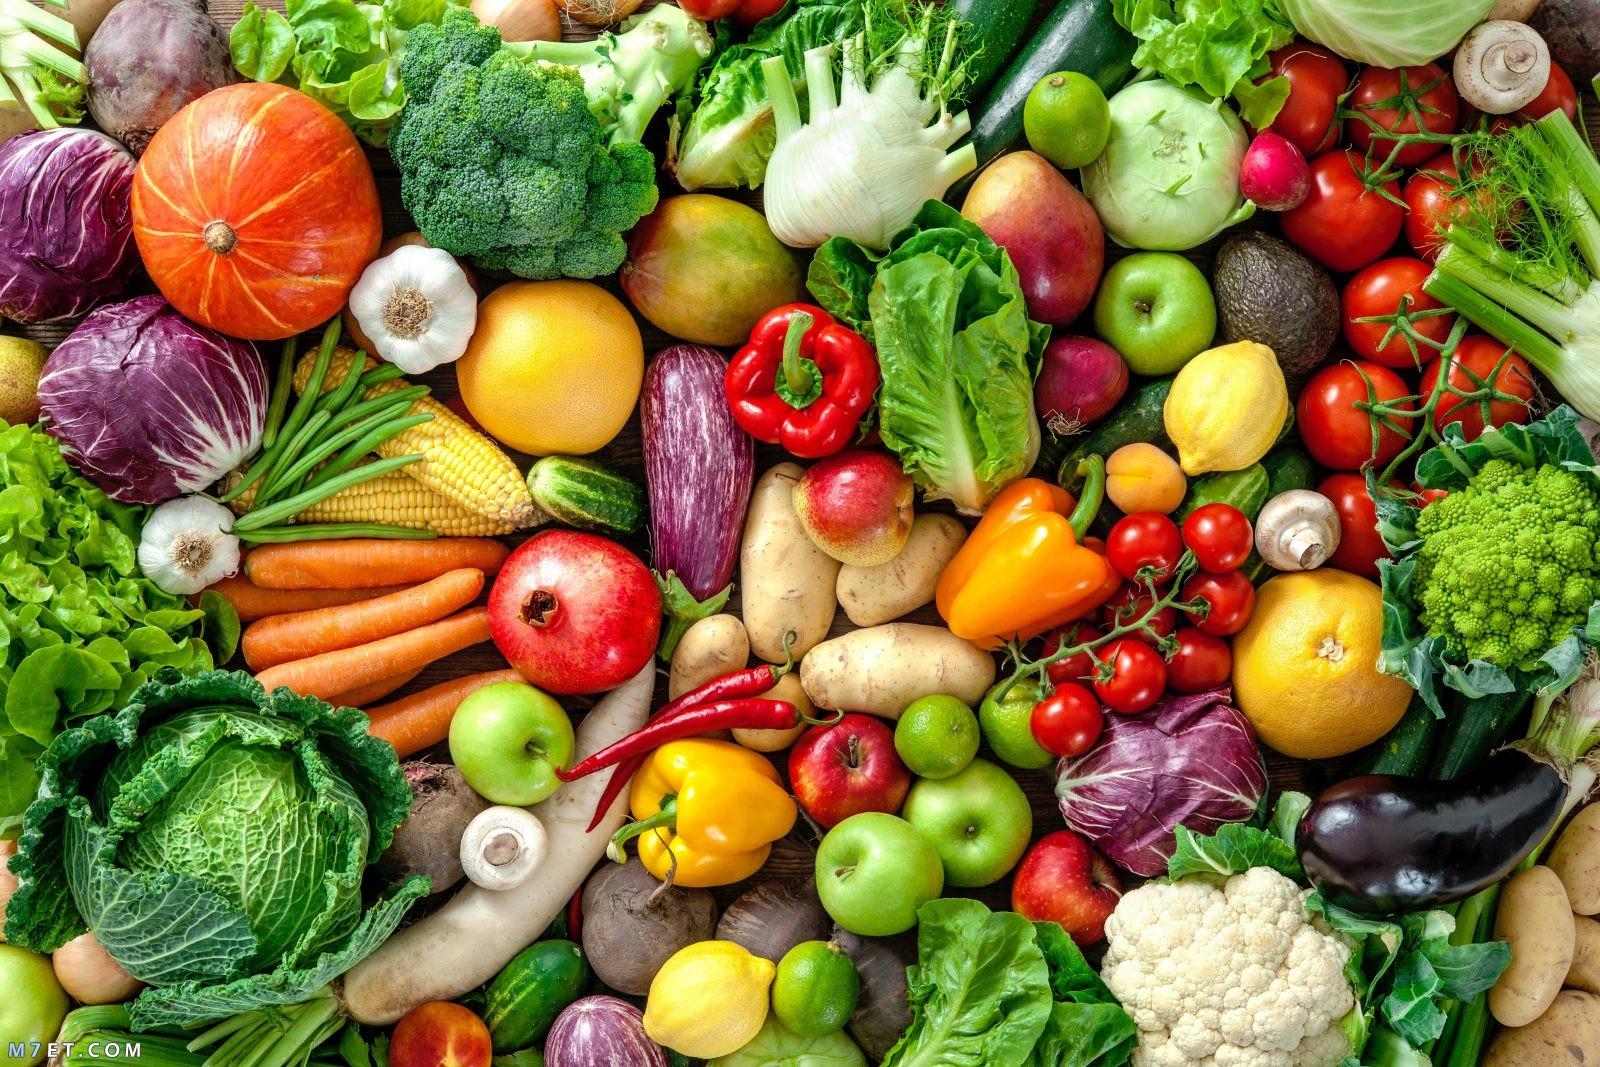 أهمية الغذاء الصحي لجسم الإنسان